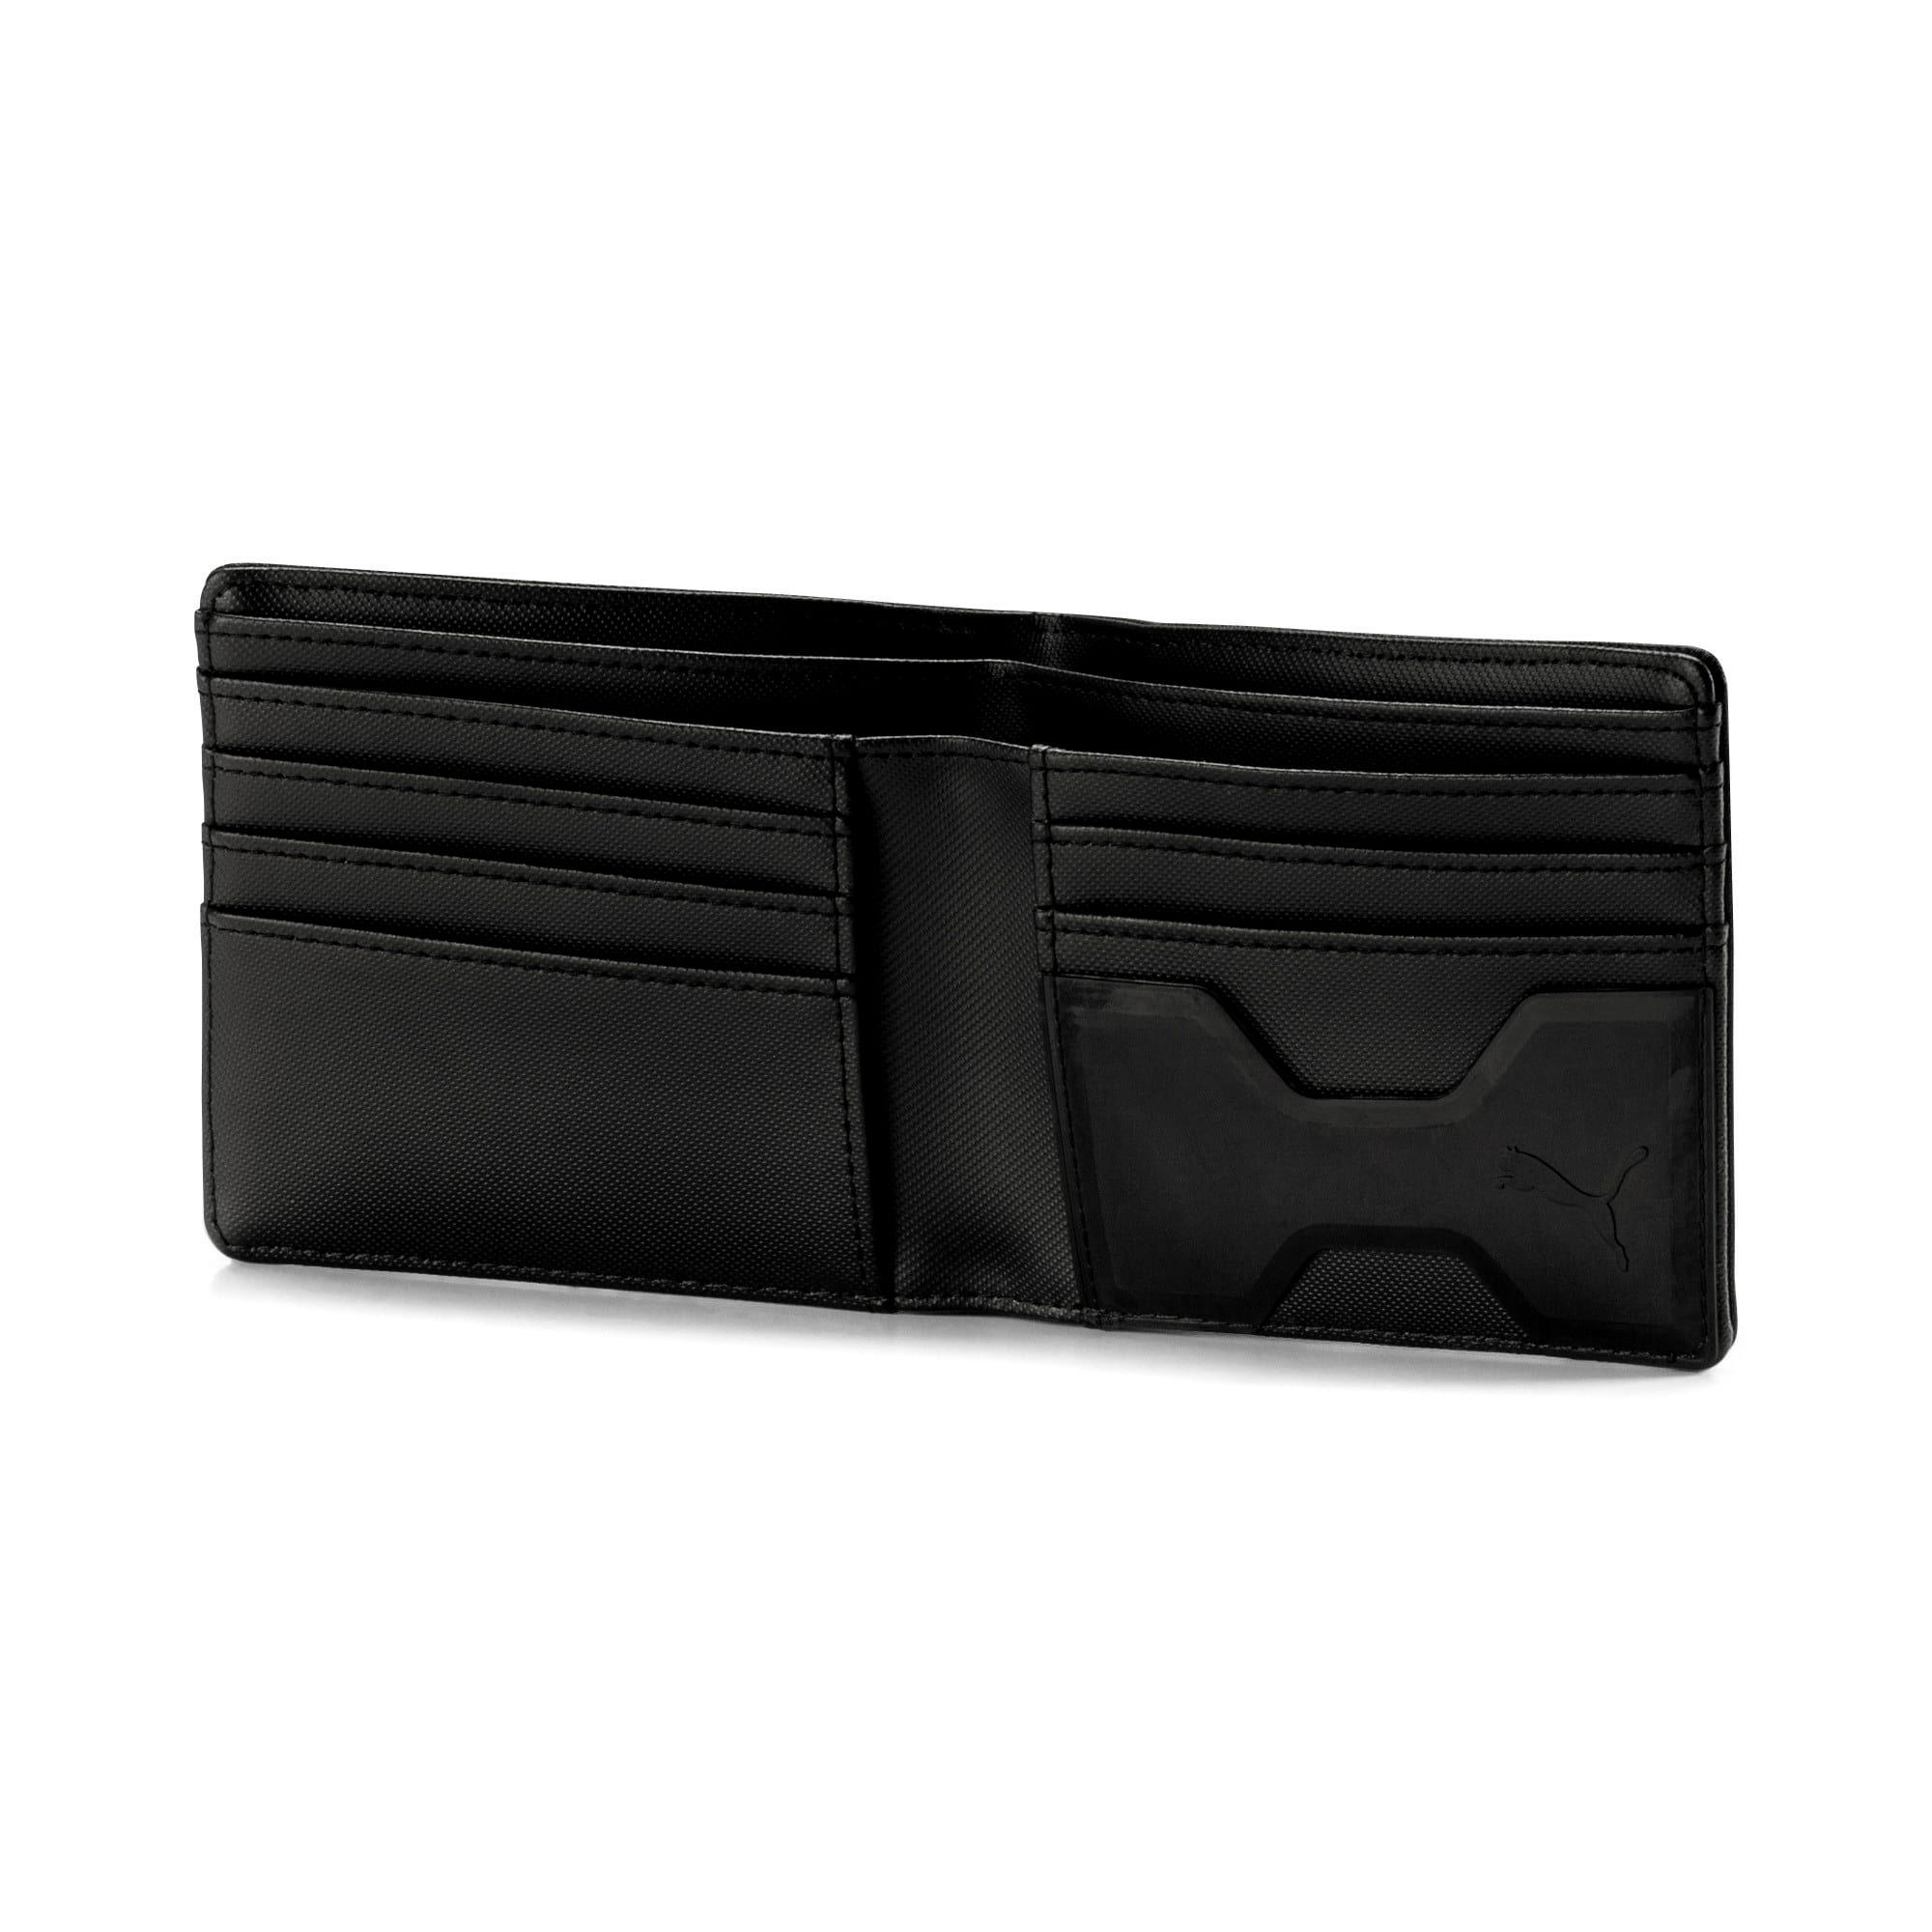 Thumbnail 3 of Scuderia Ferrari LS Wallet, Puma Black, medium